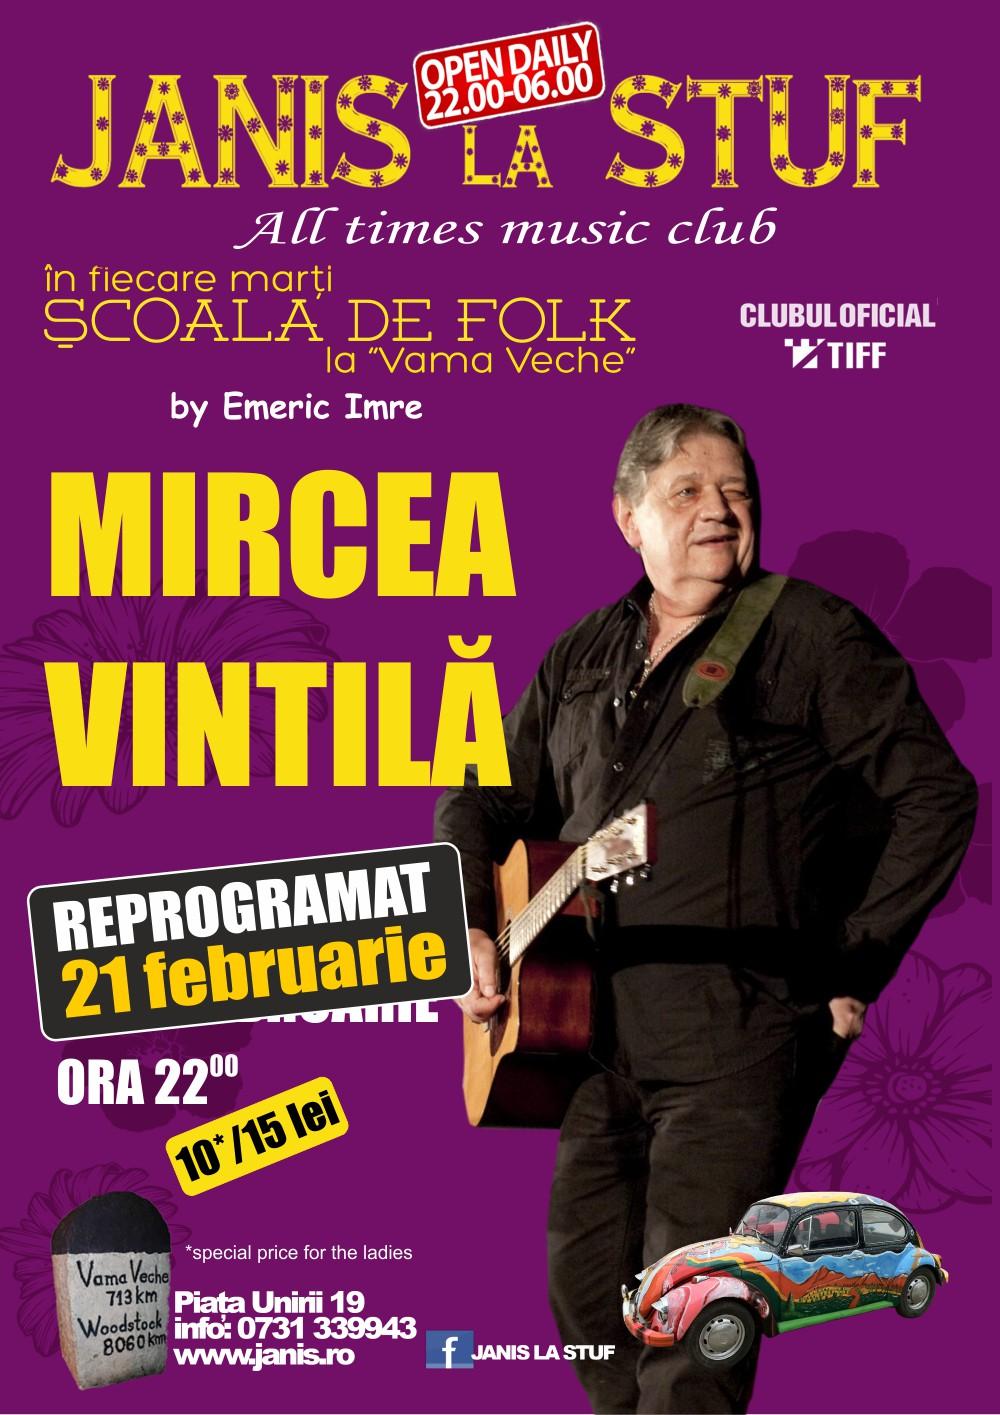 Mircea Vintila @ Janis la Stuf